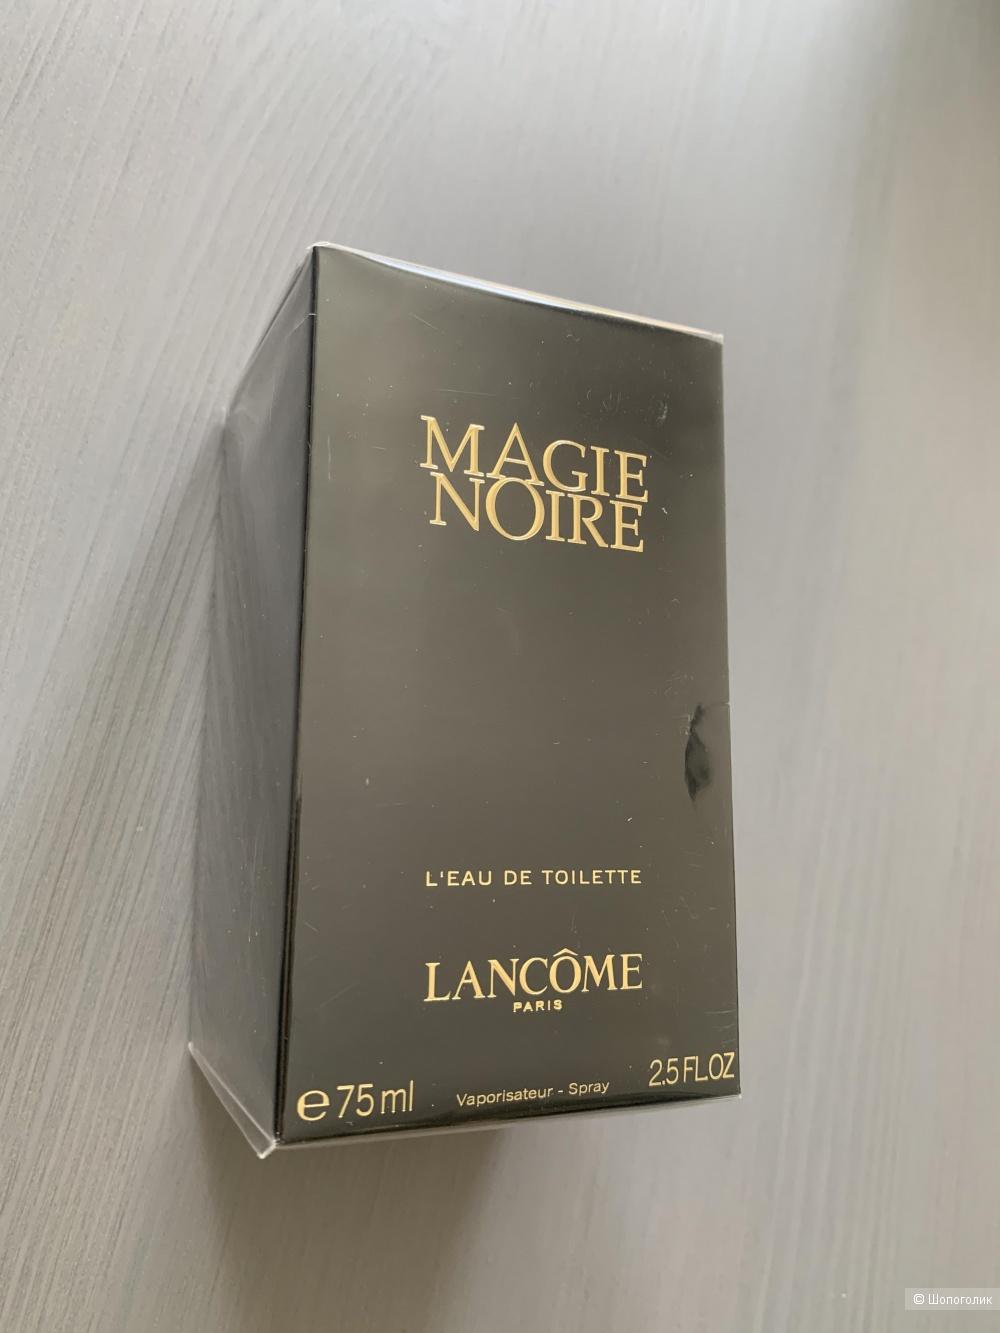 Туалетная вода Magie Noire Lancome, 75 ml